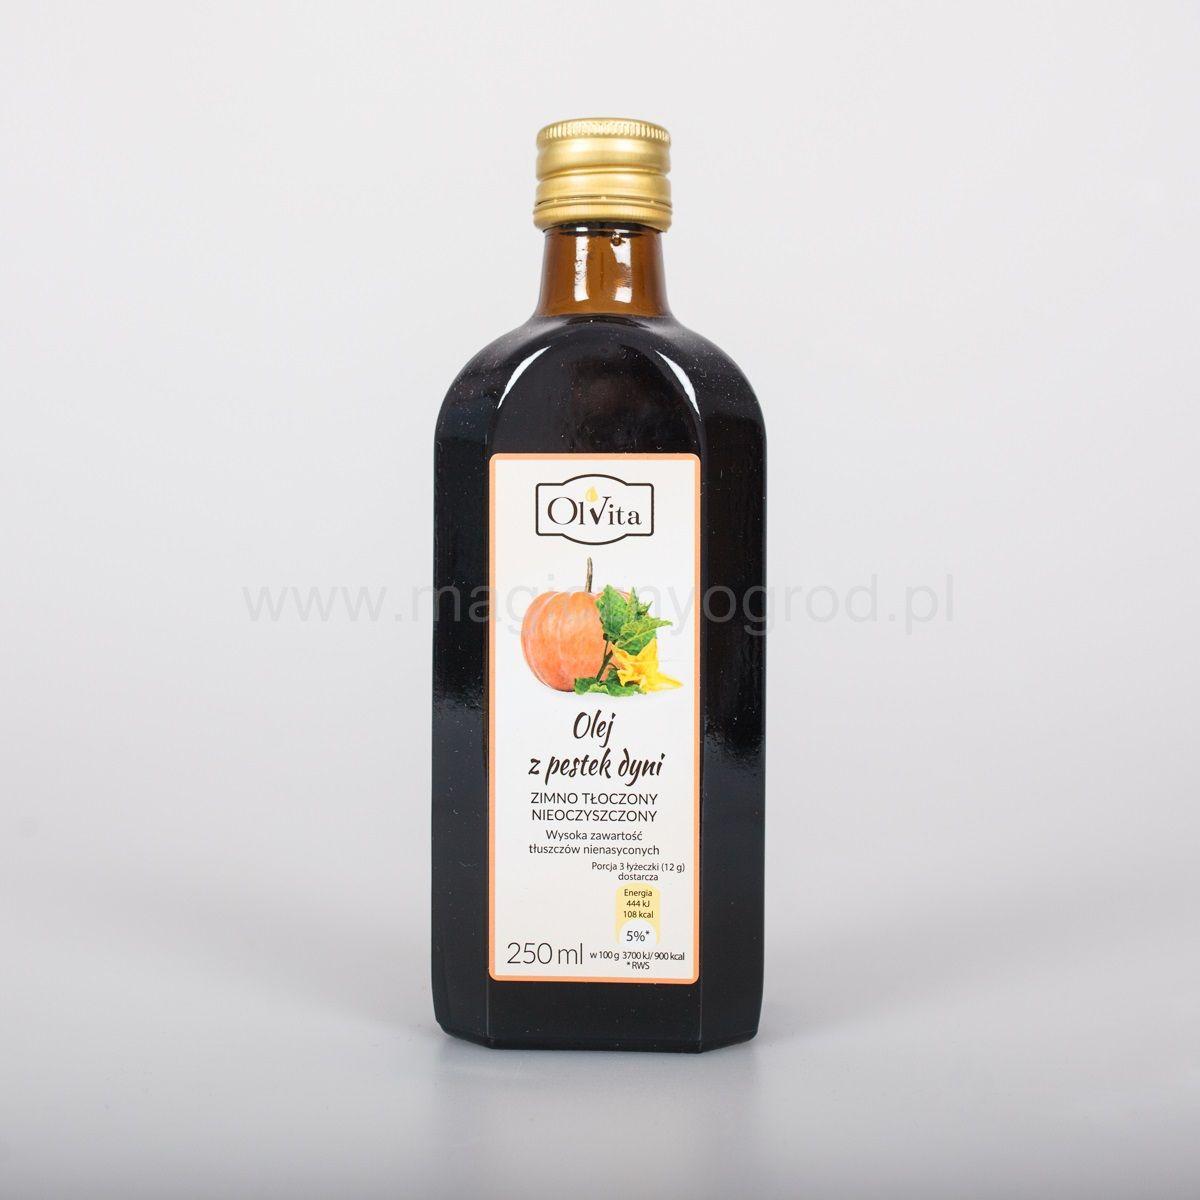 Olej z pestki dyni Olvita zimnotłoczony 250ml